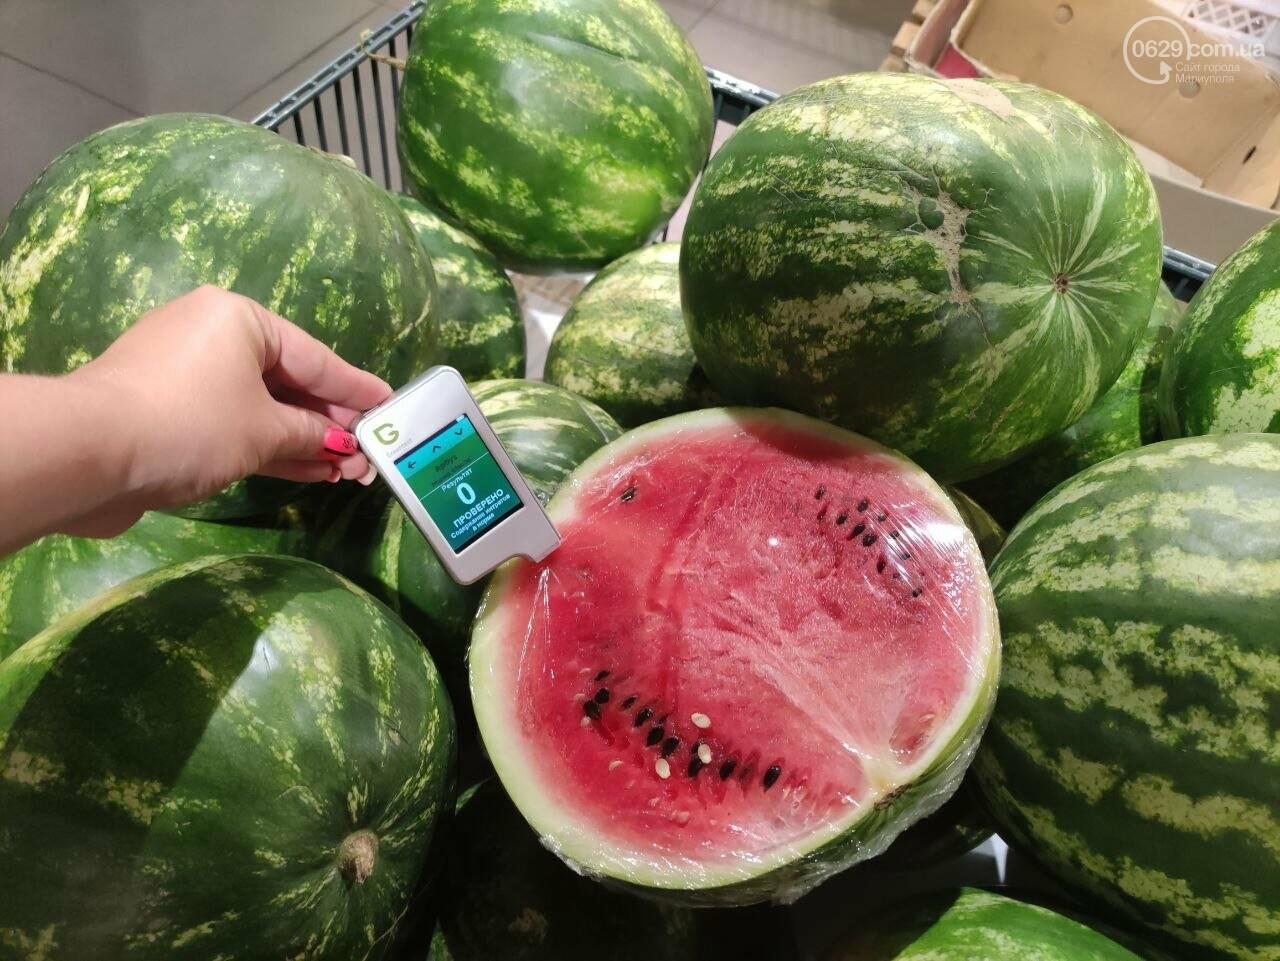 Проверка на нитраты в Мариуполе: опасные дыни в супермаркете и злые продавцы на рынке, - ФОТО, ВИДЕО, фото-18